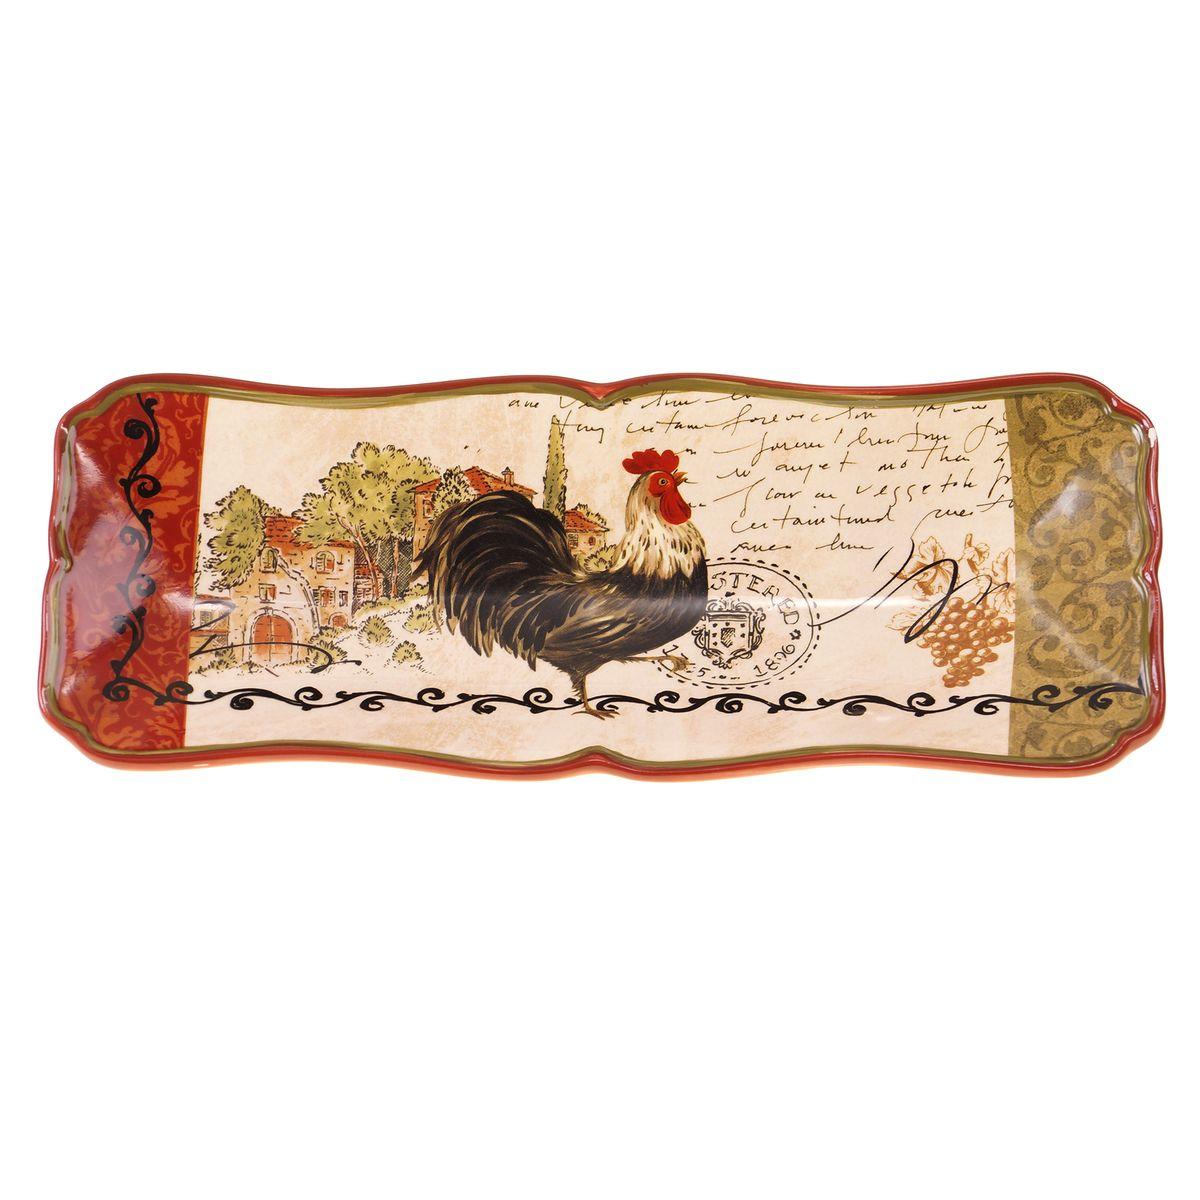 Поднос для хлеба Certified International Тосканский петух, 37 х 13 см63213Изысканный поднос Certified International Тосканский петух выполнен из высококачественной глазурованной керамики. Изделие украшено оригинальным рисунком петуха. Такой поднос идеально подойдет для сервировки хлеба на праздничном столе. Он придется по вкусу и ценителям классики, и тем, кто предпочитает утонченность и изысканность. Размер подноса: 37 х 13 см.